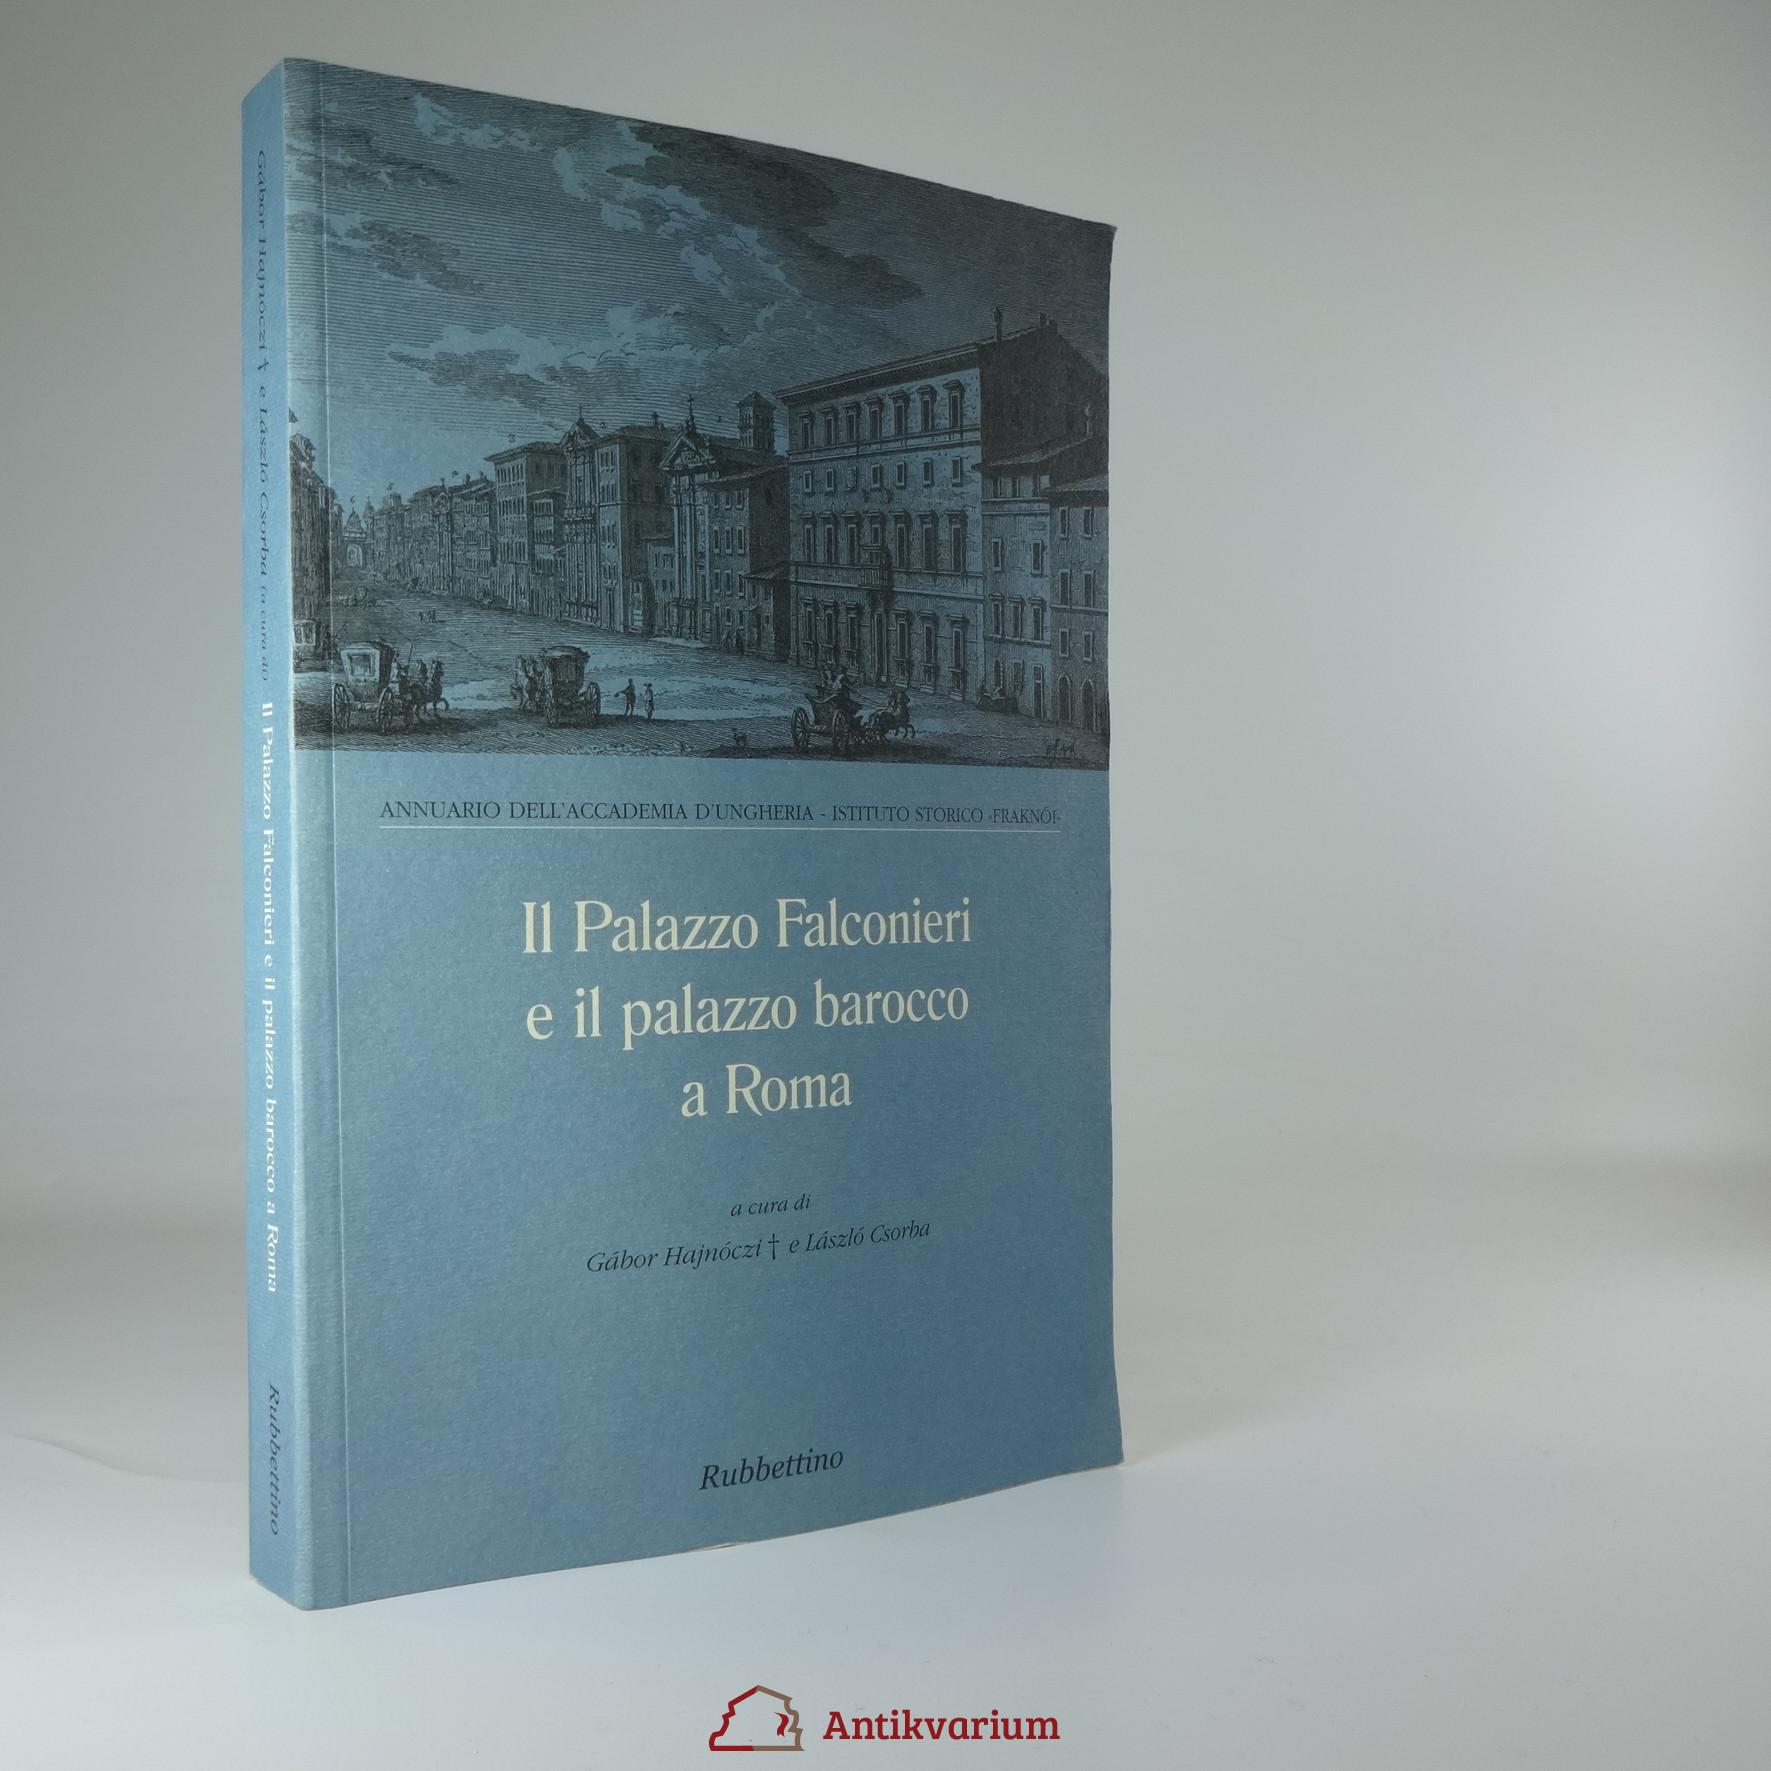 antikvární kniha Il Palazzo Falconieri e il palazzo barocco a Roma, 2009